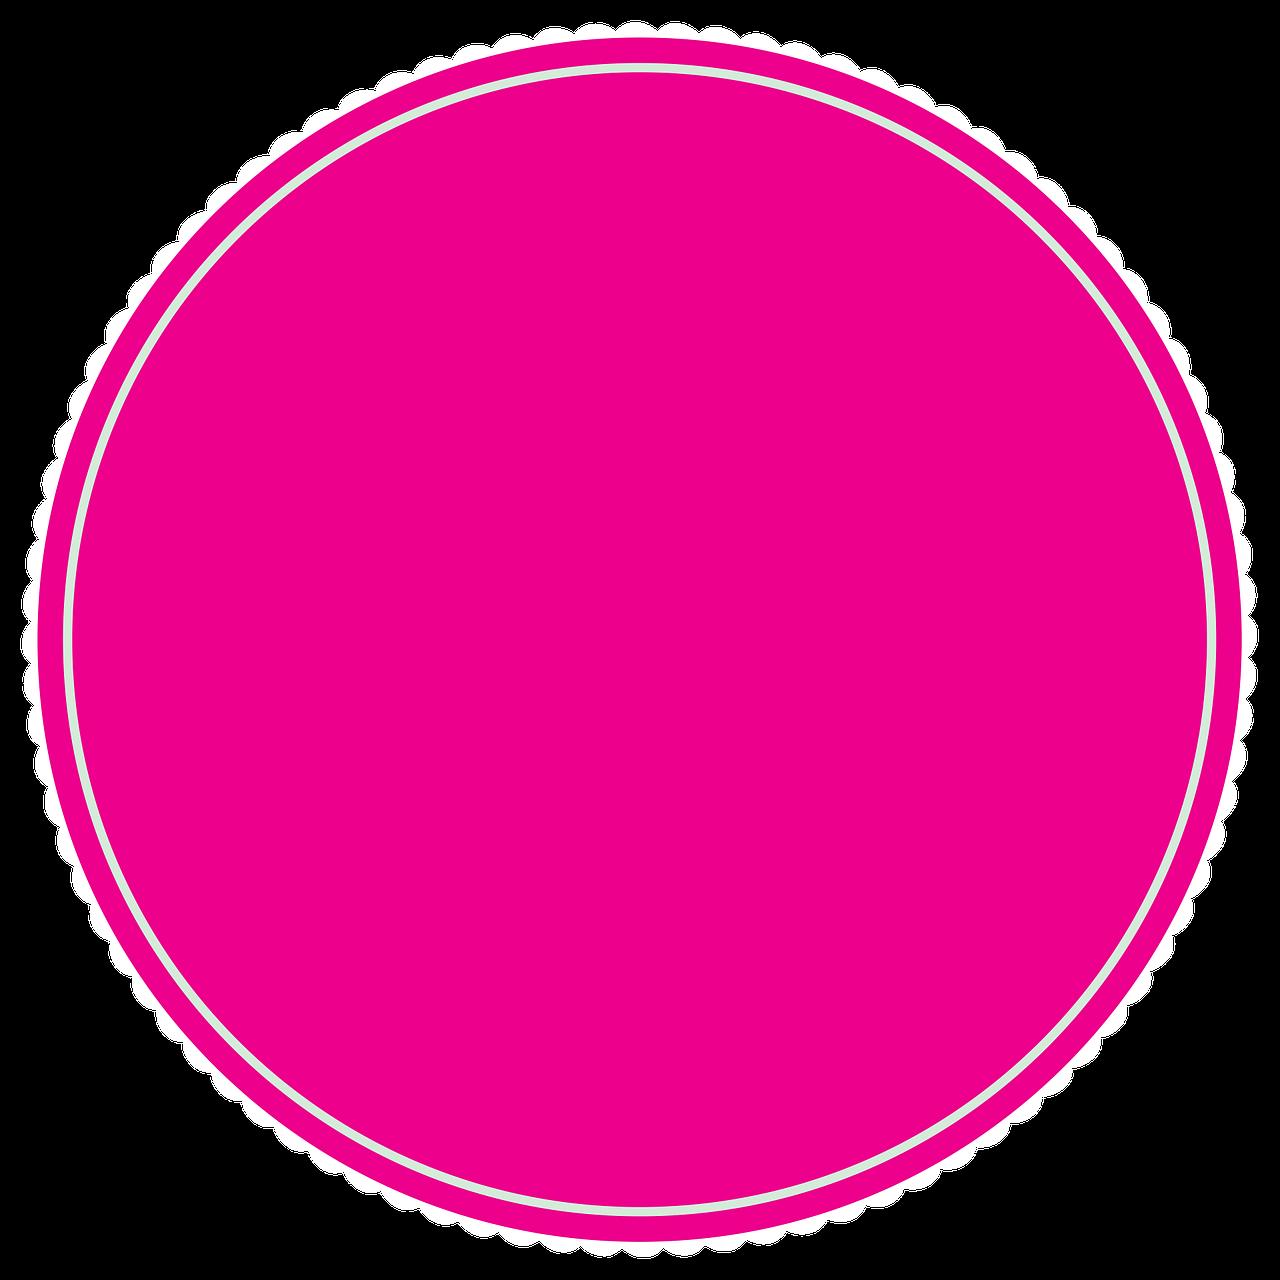 картинка розовые круги случае, когда вода